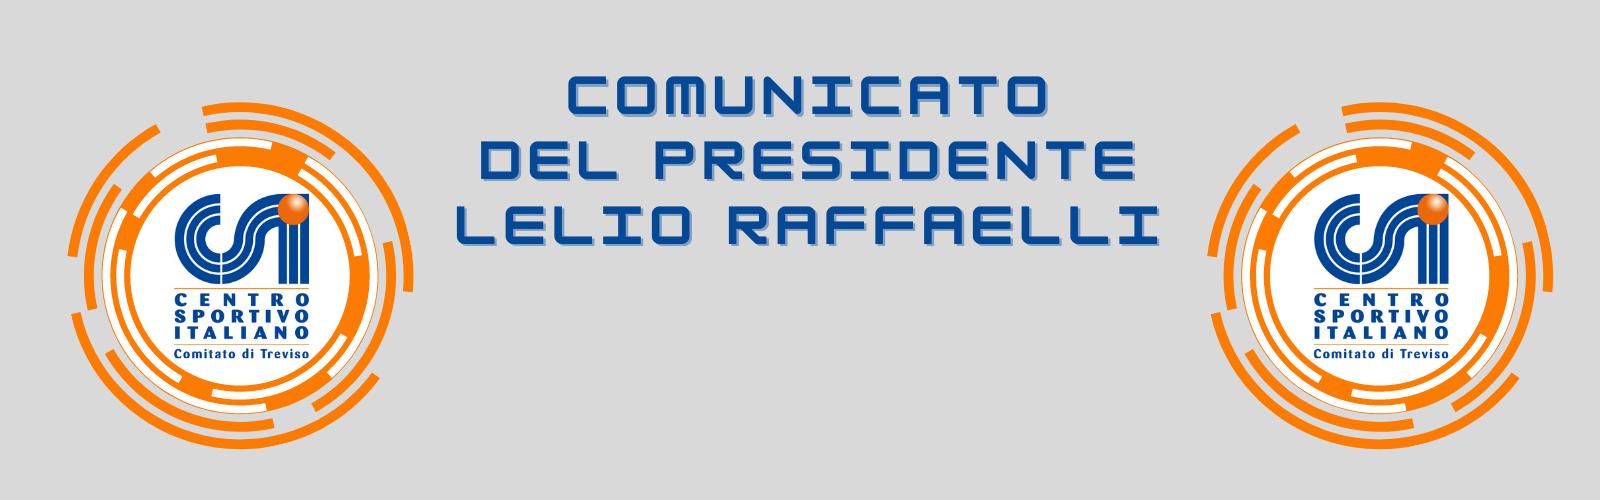 Comunicato del Presidente Lelio Raffaelli n°6 – Allenamenti Zona rossa